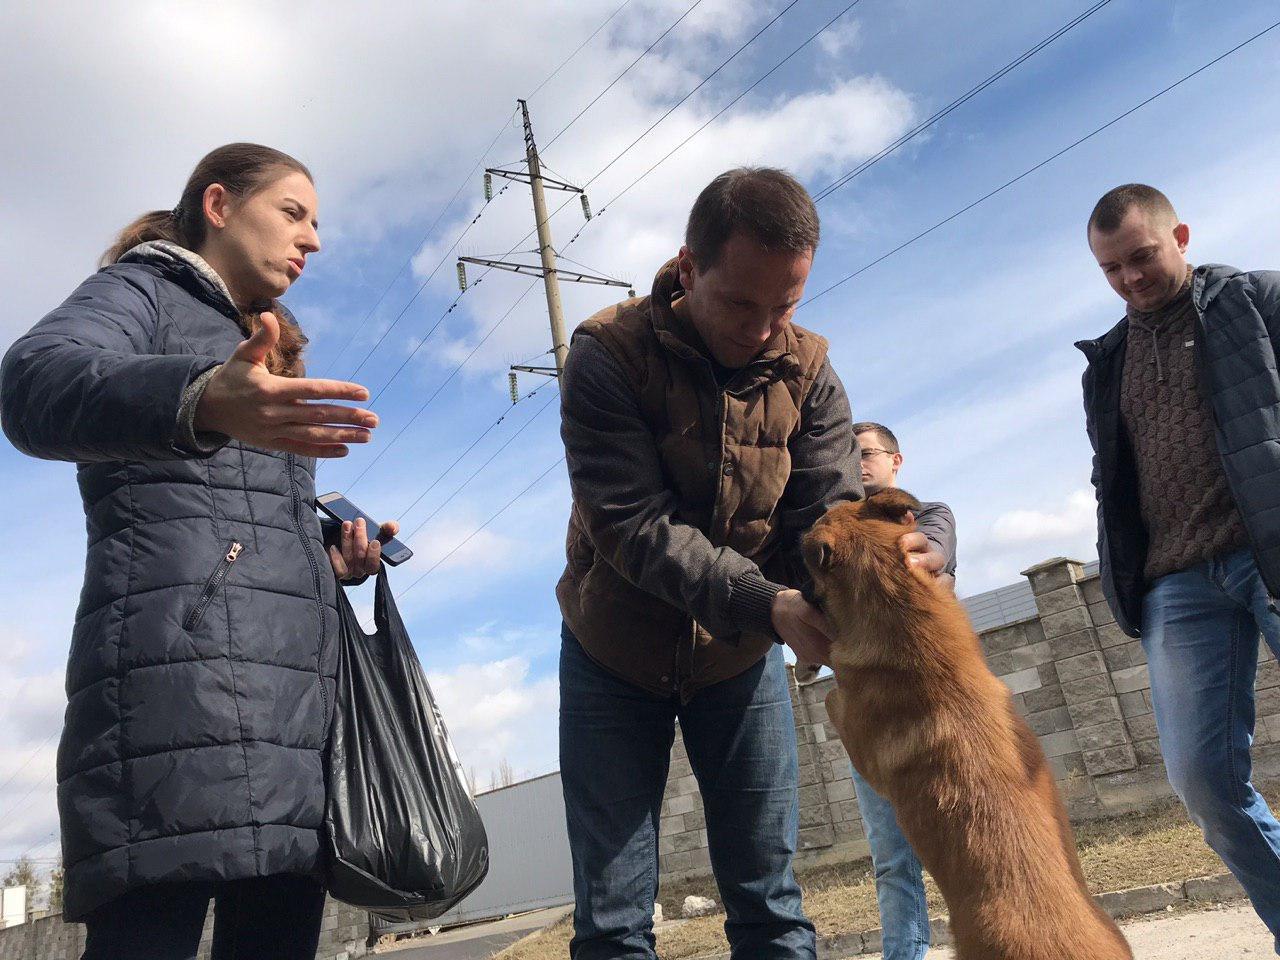 Дерев'янко у Рівному представив свою програму: 50% жінок у владі, 10% розмитнення авто та захист тварин (ФОТО, ВІДЕО), фото-4